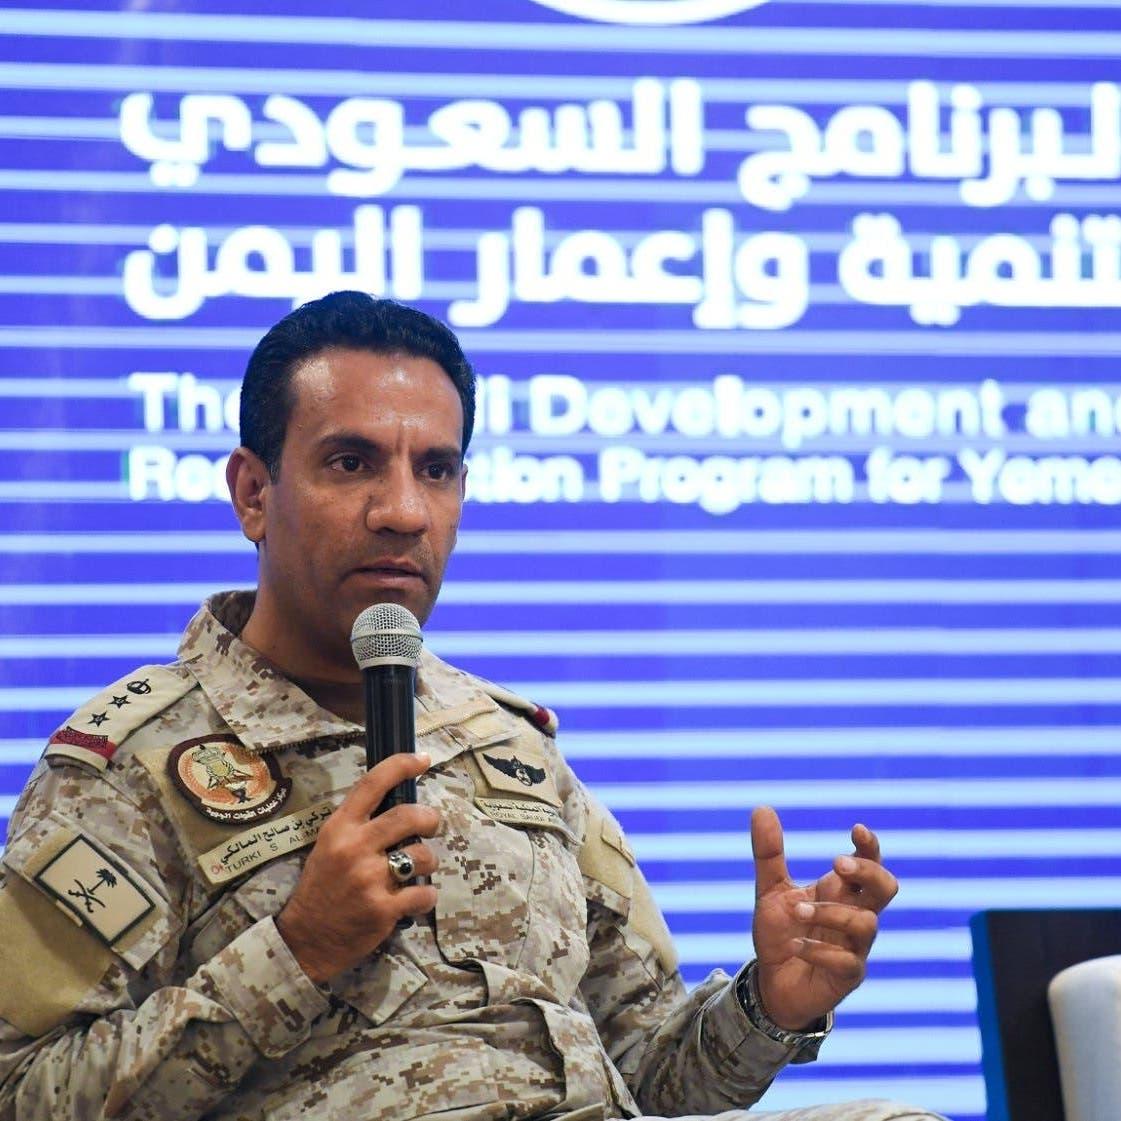 التحالف: تدمير زورقين مفخخين أطلقتهما ميليشيات الحوثي